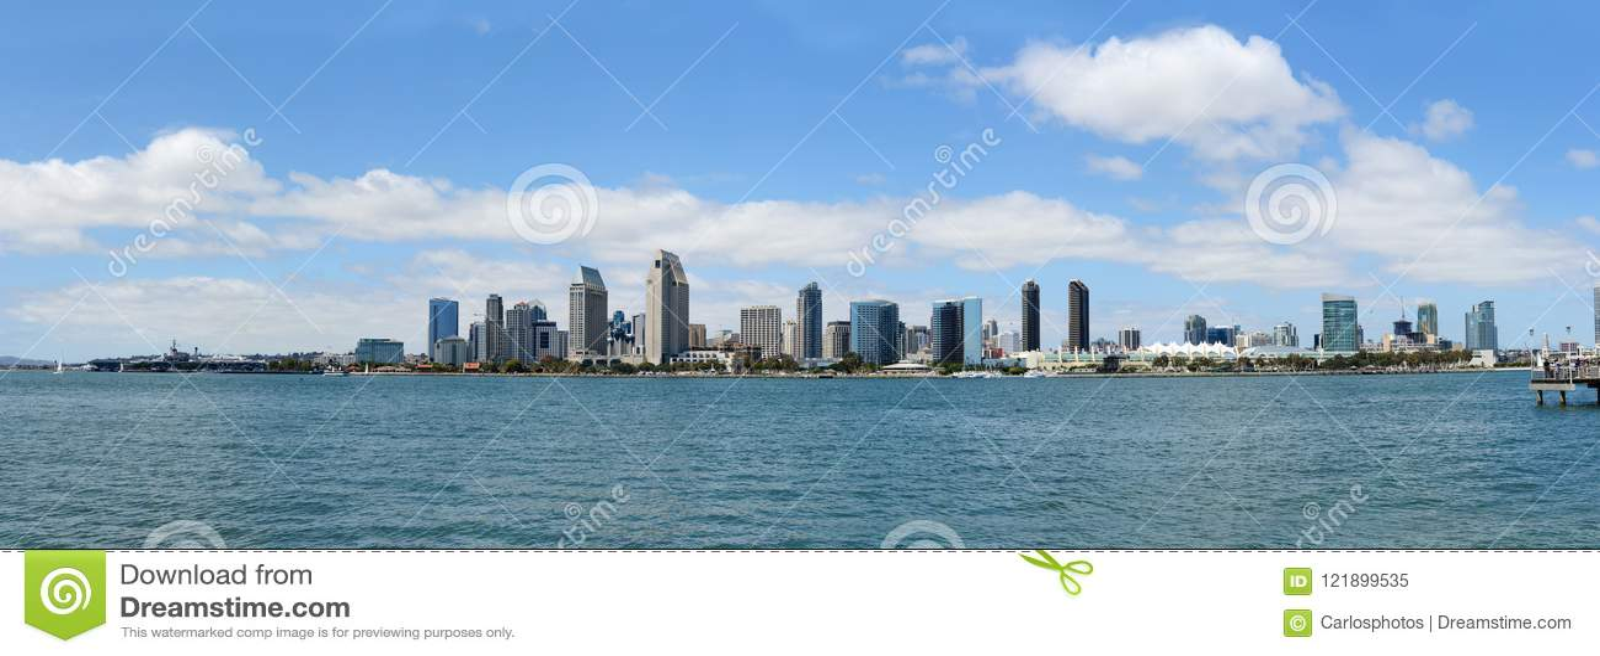 De horizon van San Diego tijdens een zonnige dag